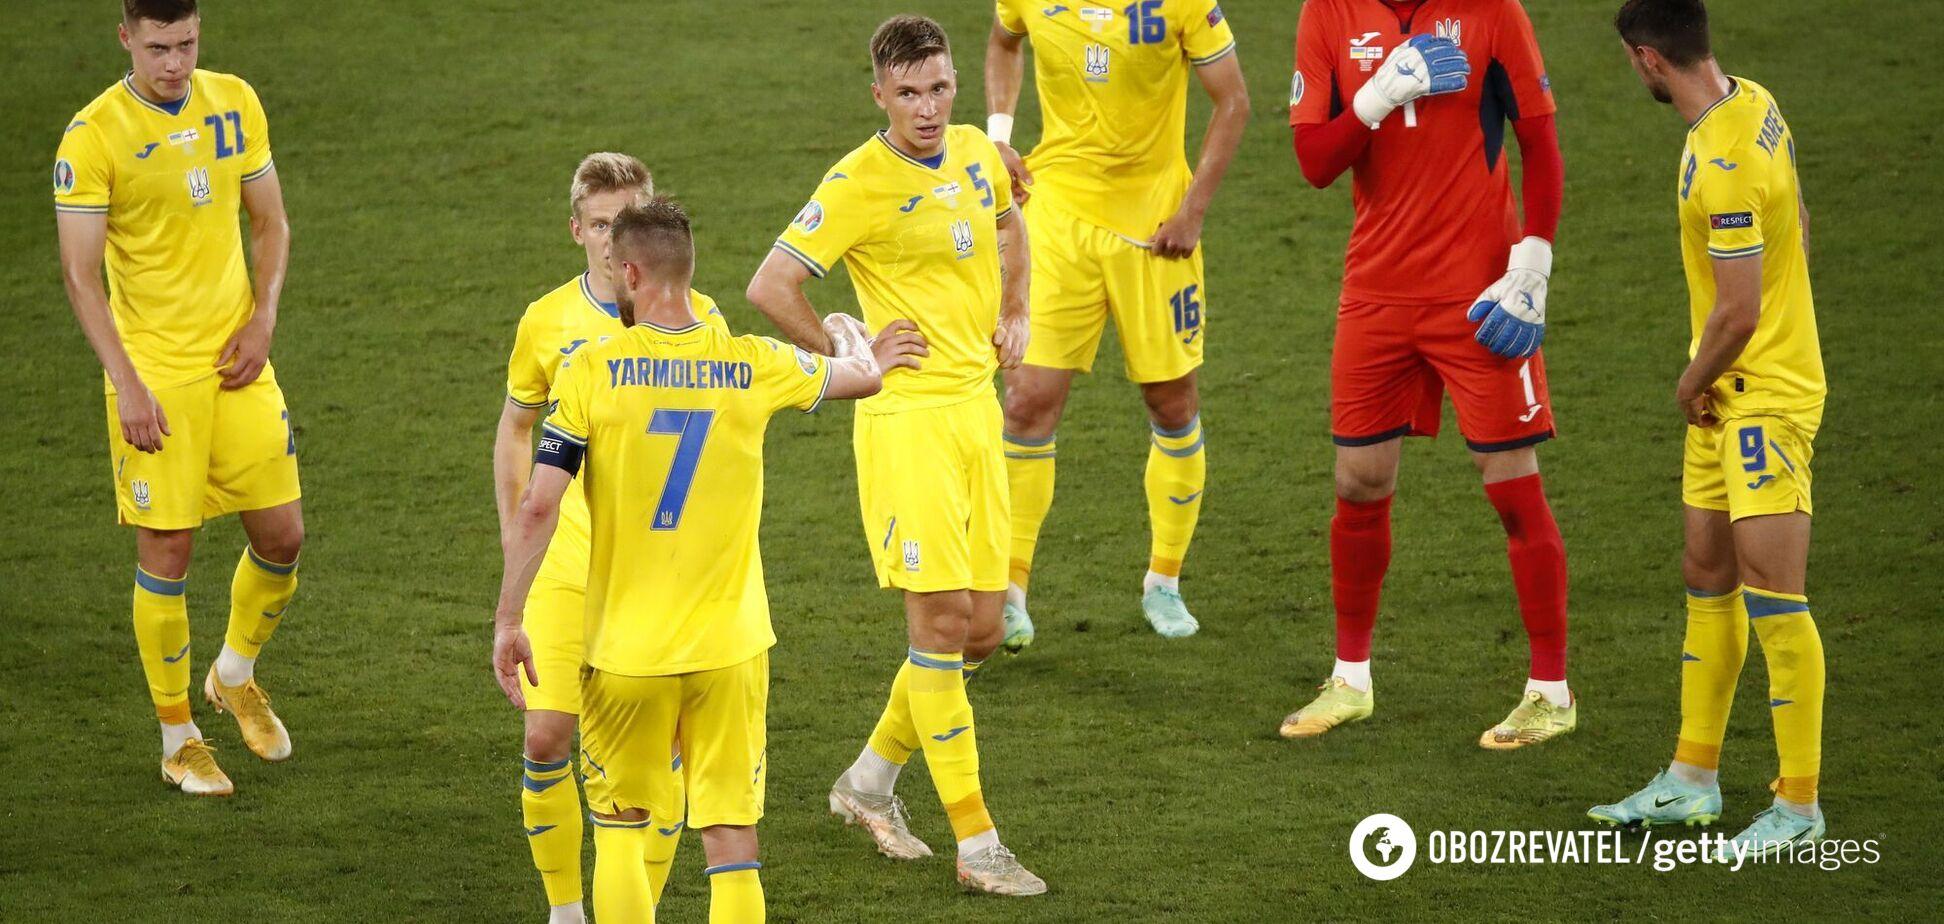 Италия выиграла Евро-2020, Украина остановилась в четвертьфинале: обзор спортивных СМИ